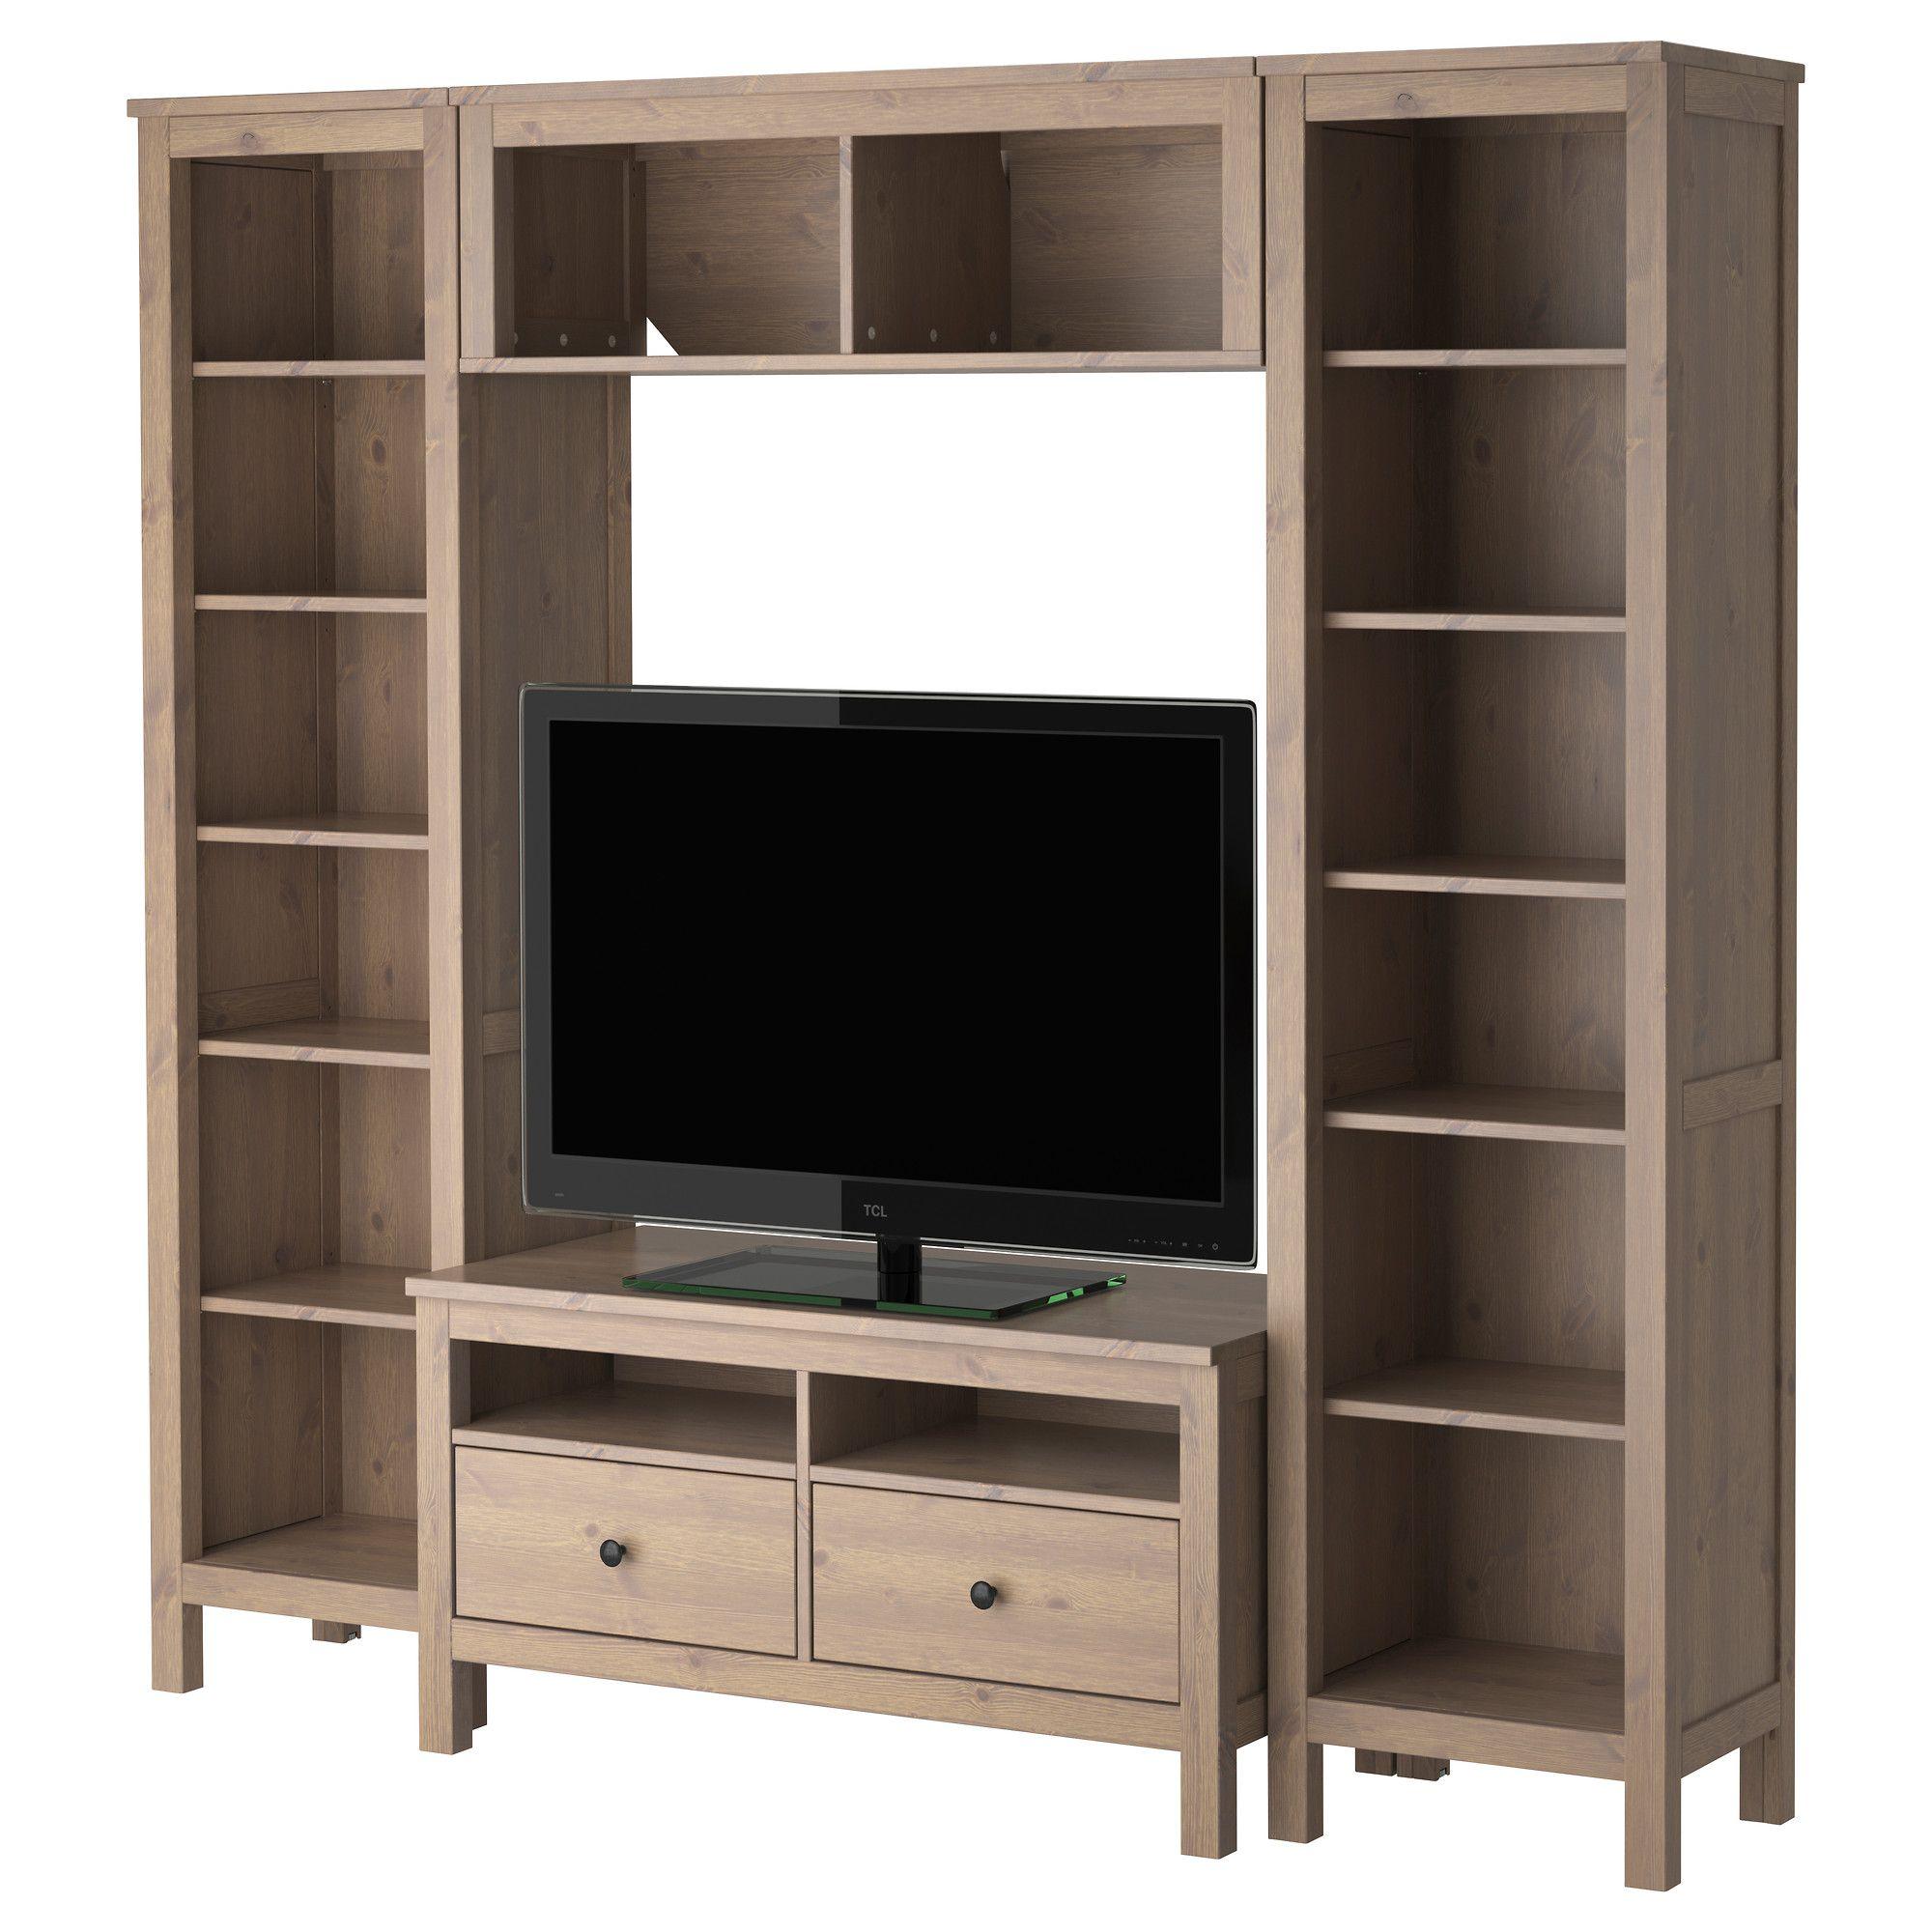 Mobilier Et Decoration Interieur Et Exterieur Decoracion De Unas Muebles Hogar